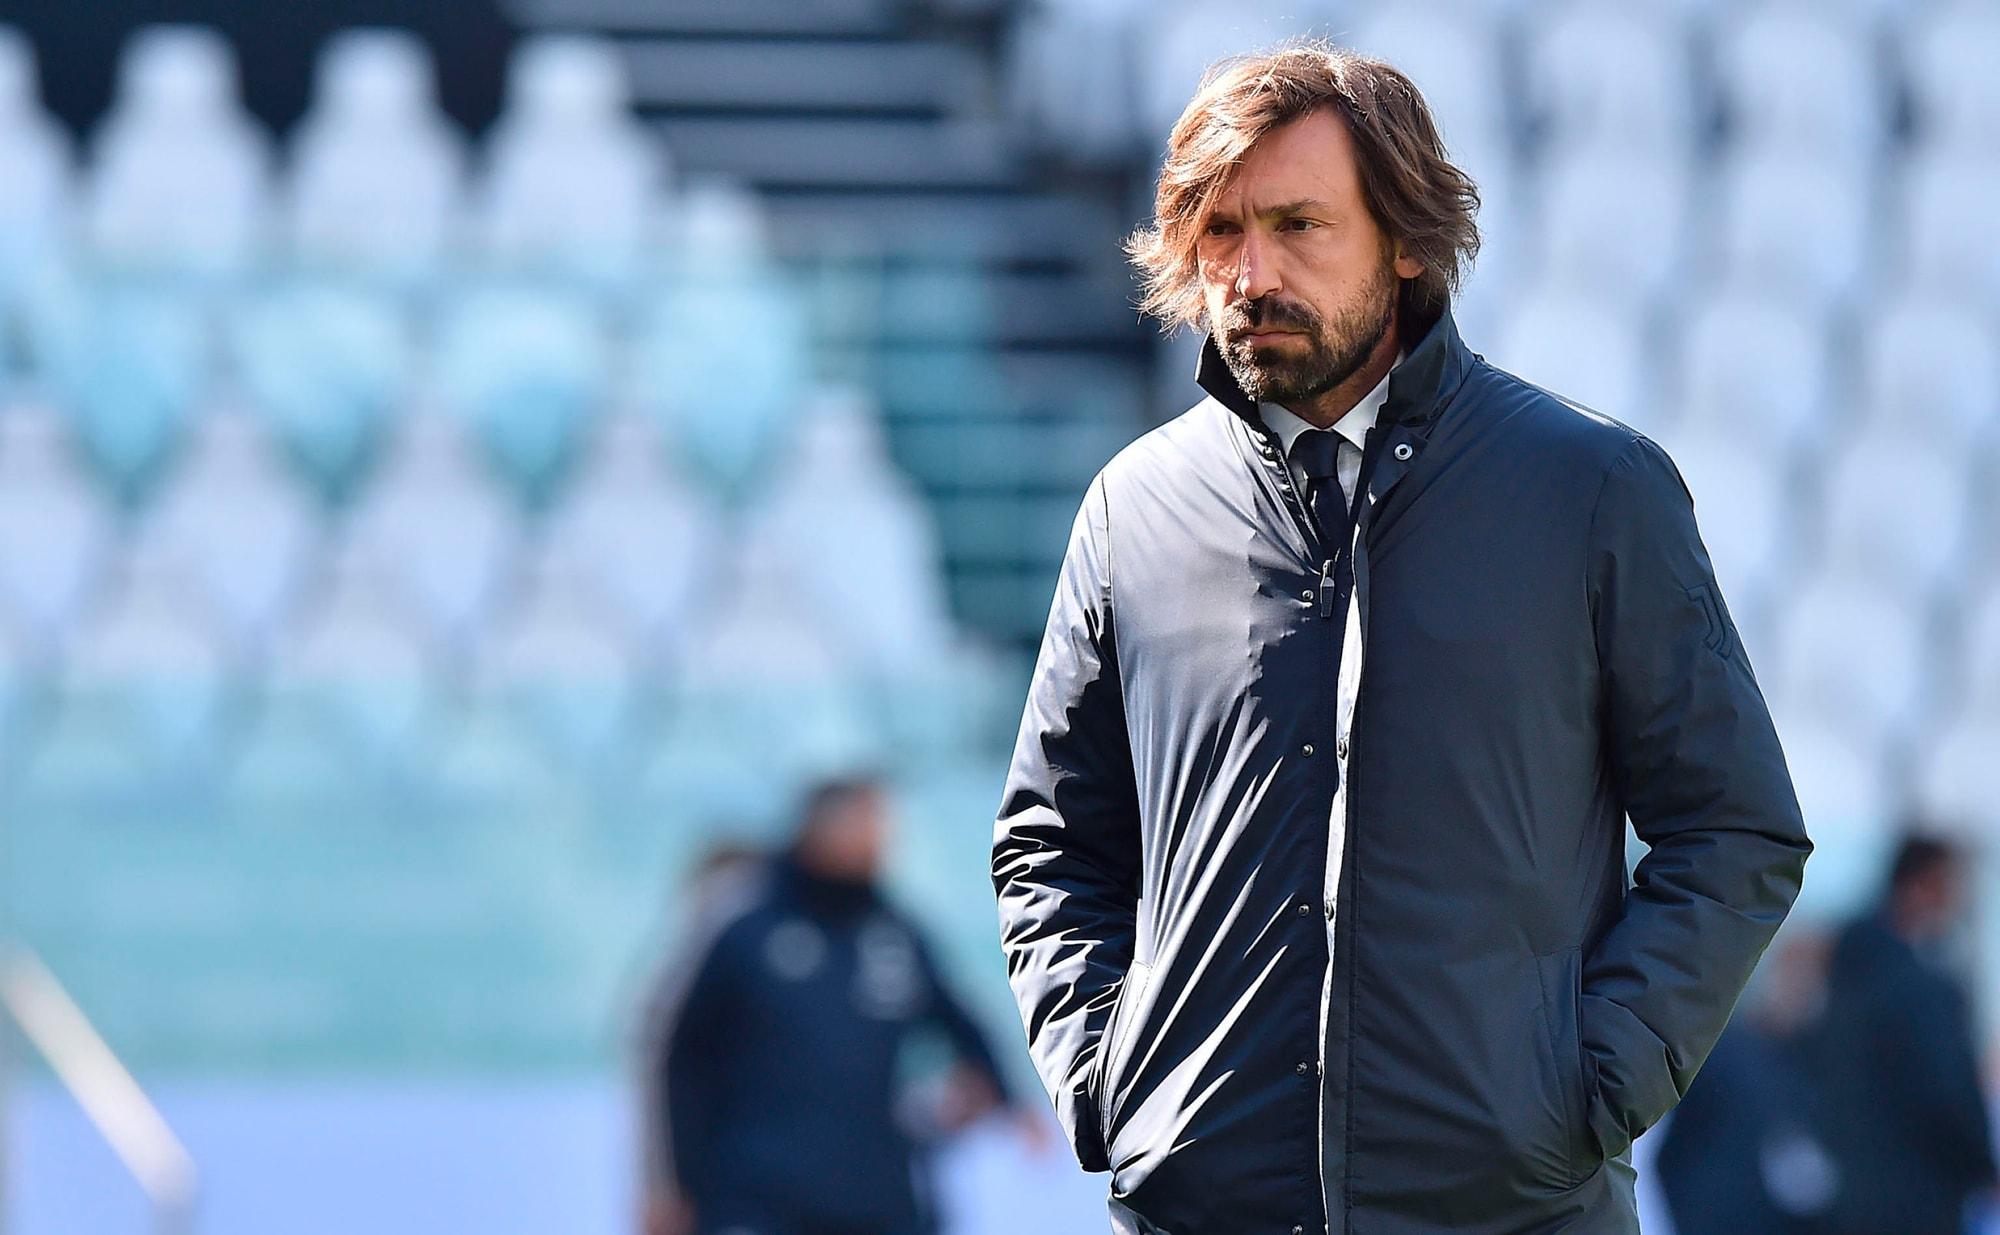 Juve, dal derby all'Udinese: il calendario di Pirlo fino alla 34ª